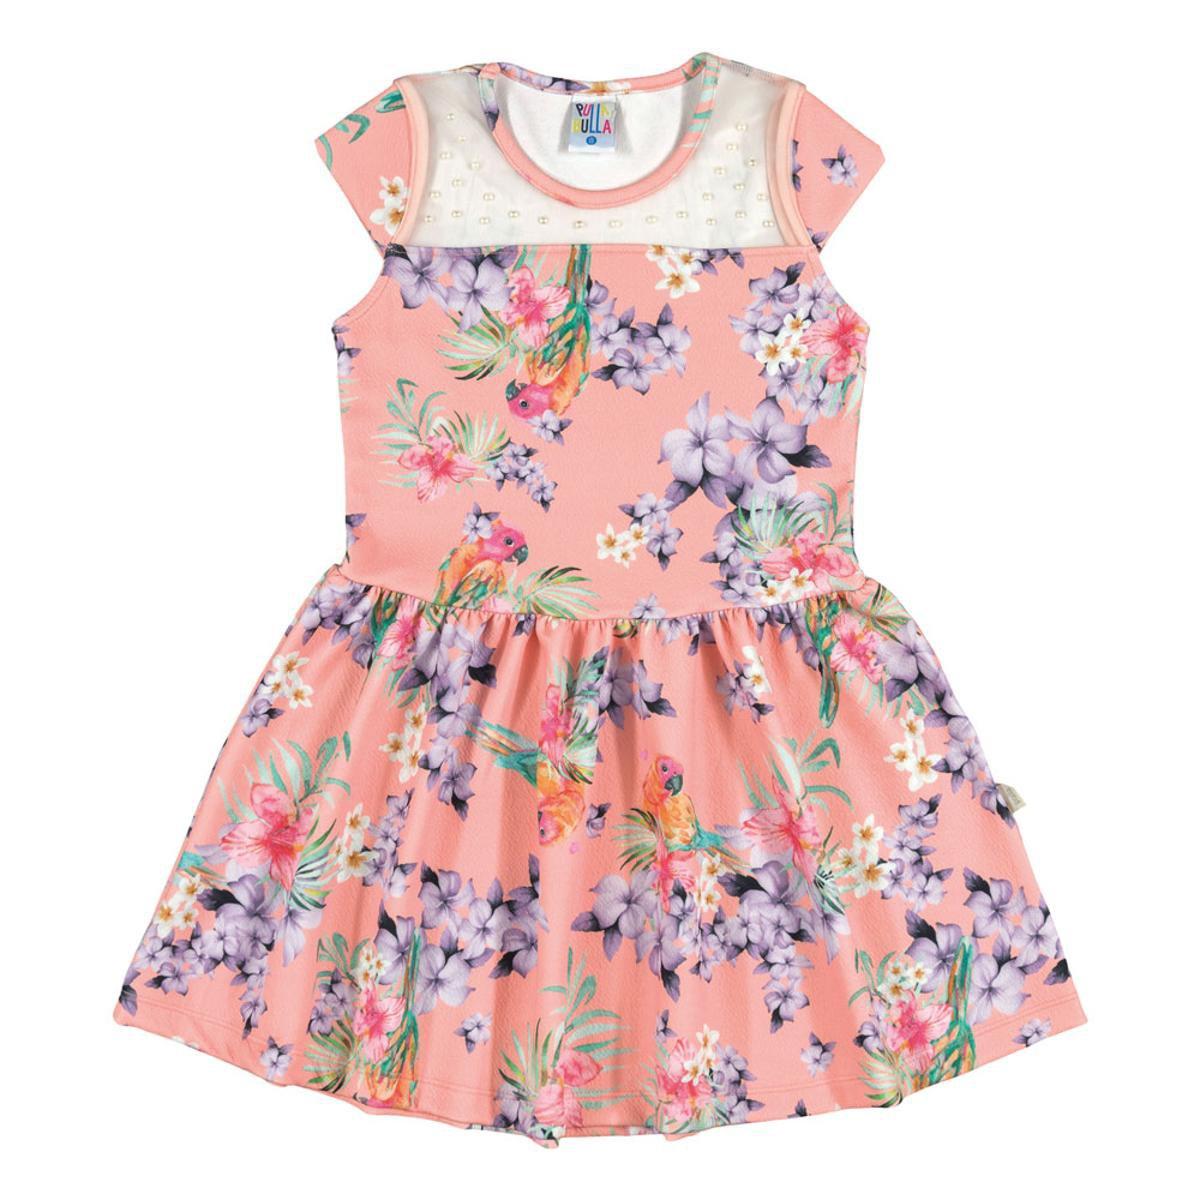 Vestido Infantil Menina Malha - Rosa e Lilás - Compre Agora  6410527e2aba6